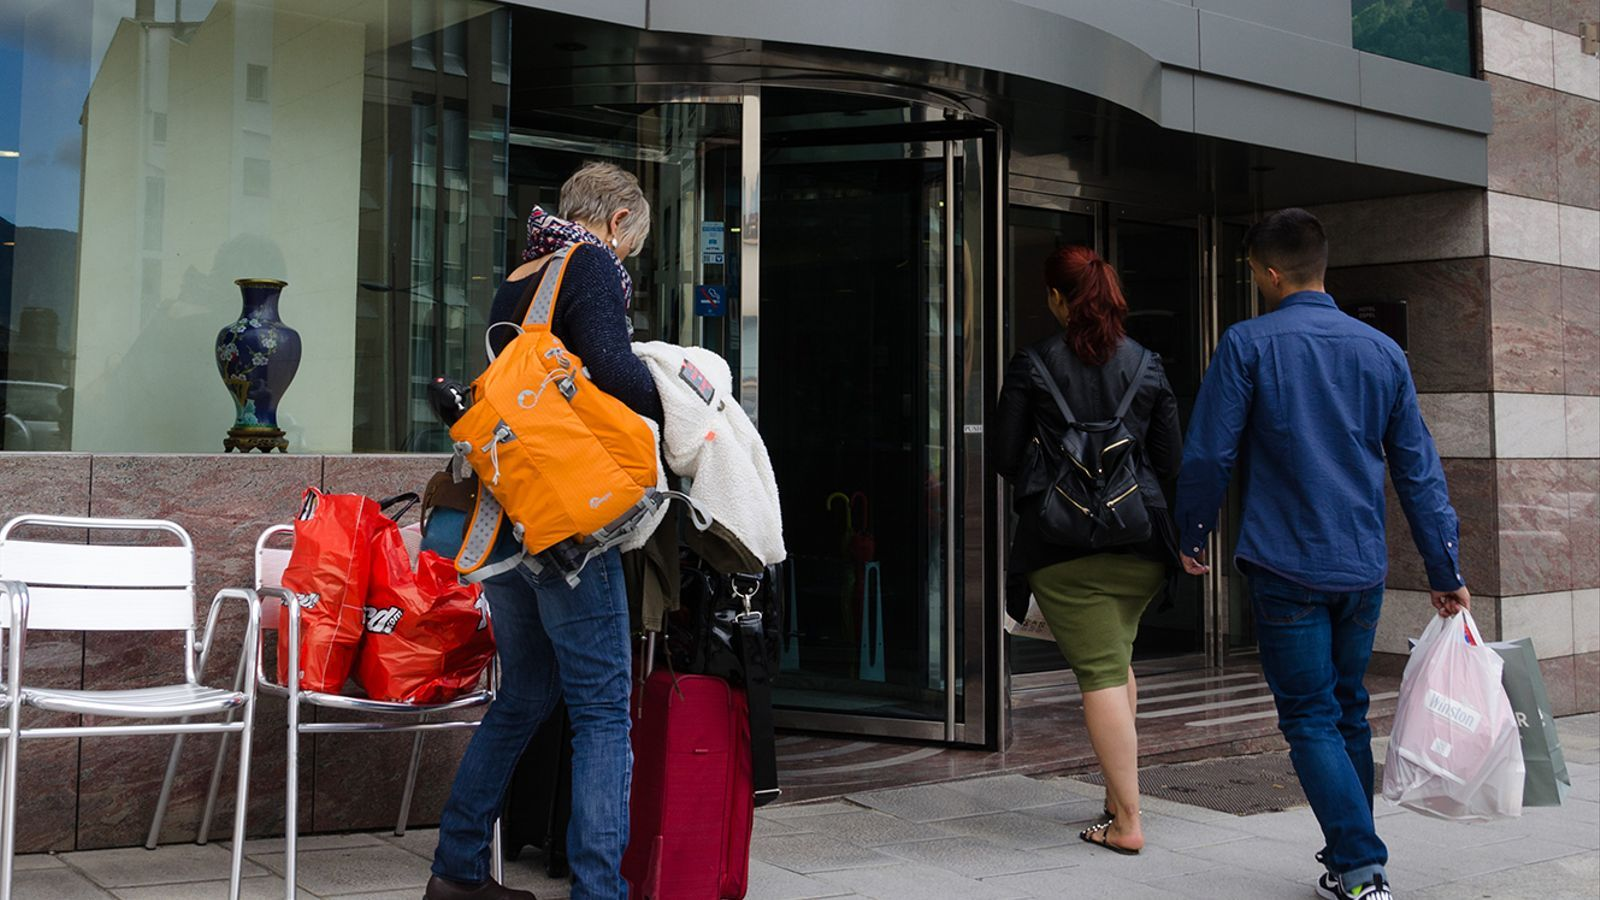 Tres turistes es disposen a entrar a un hotel d'Andorra. / ARXIU